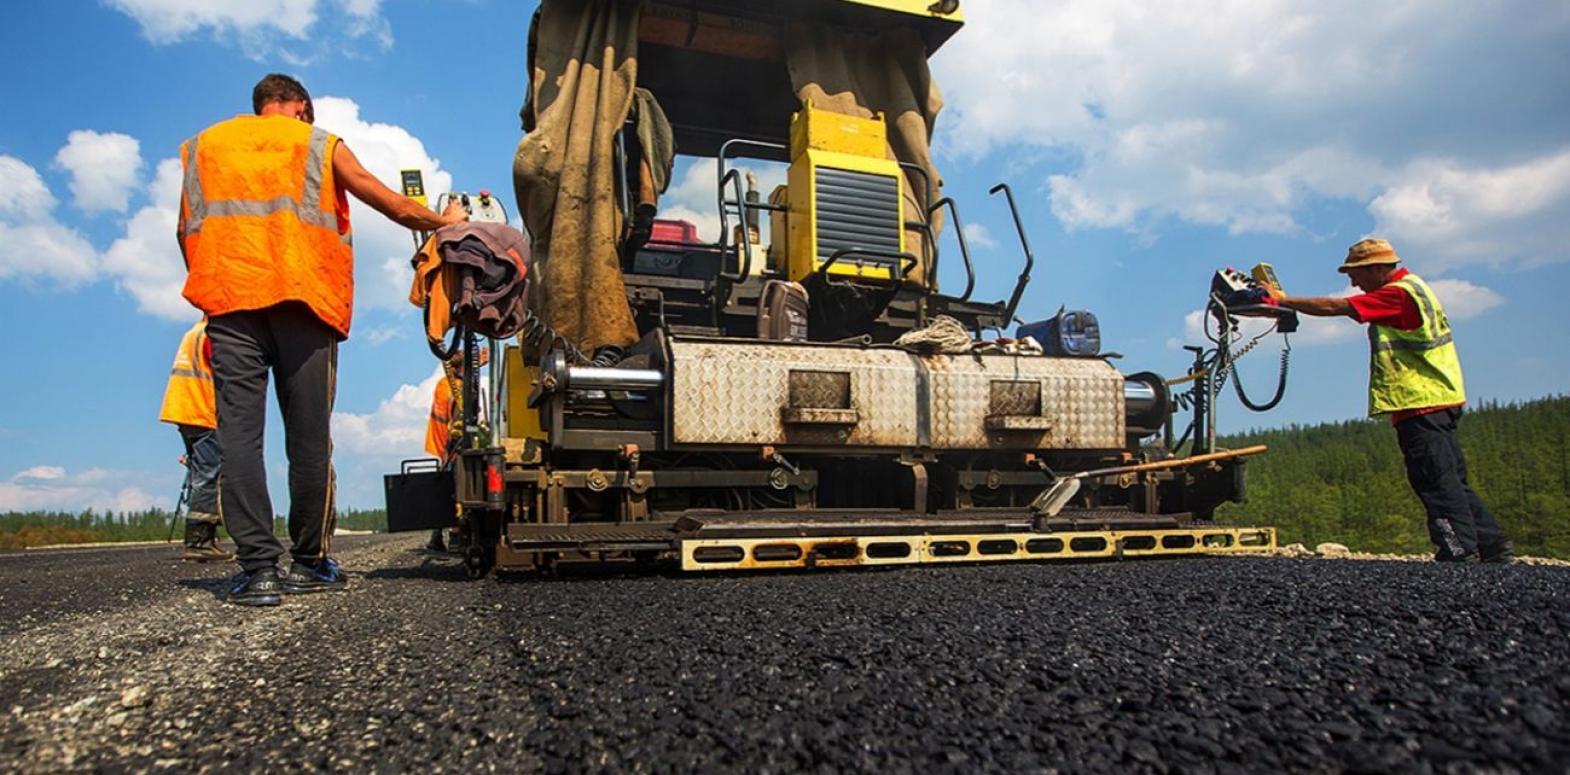 Средняя стоимость ремонта 1 км дорог в 2020 сталадешевле на 4,5 млн грн,-CoST Ukraine